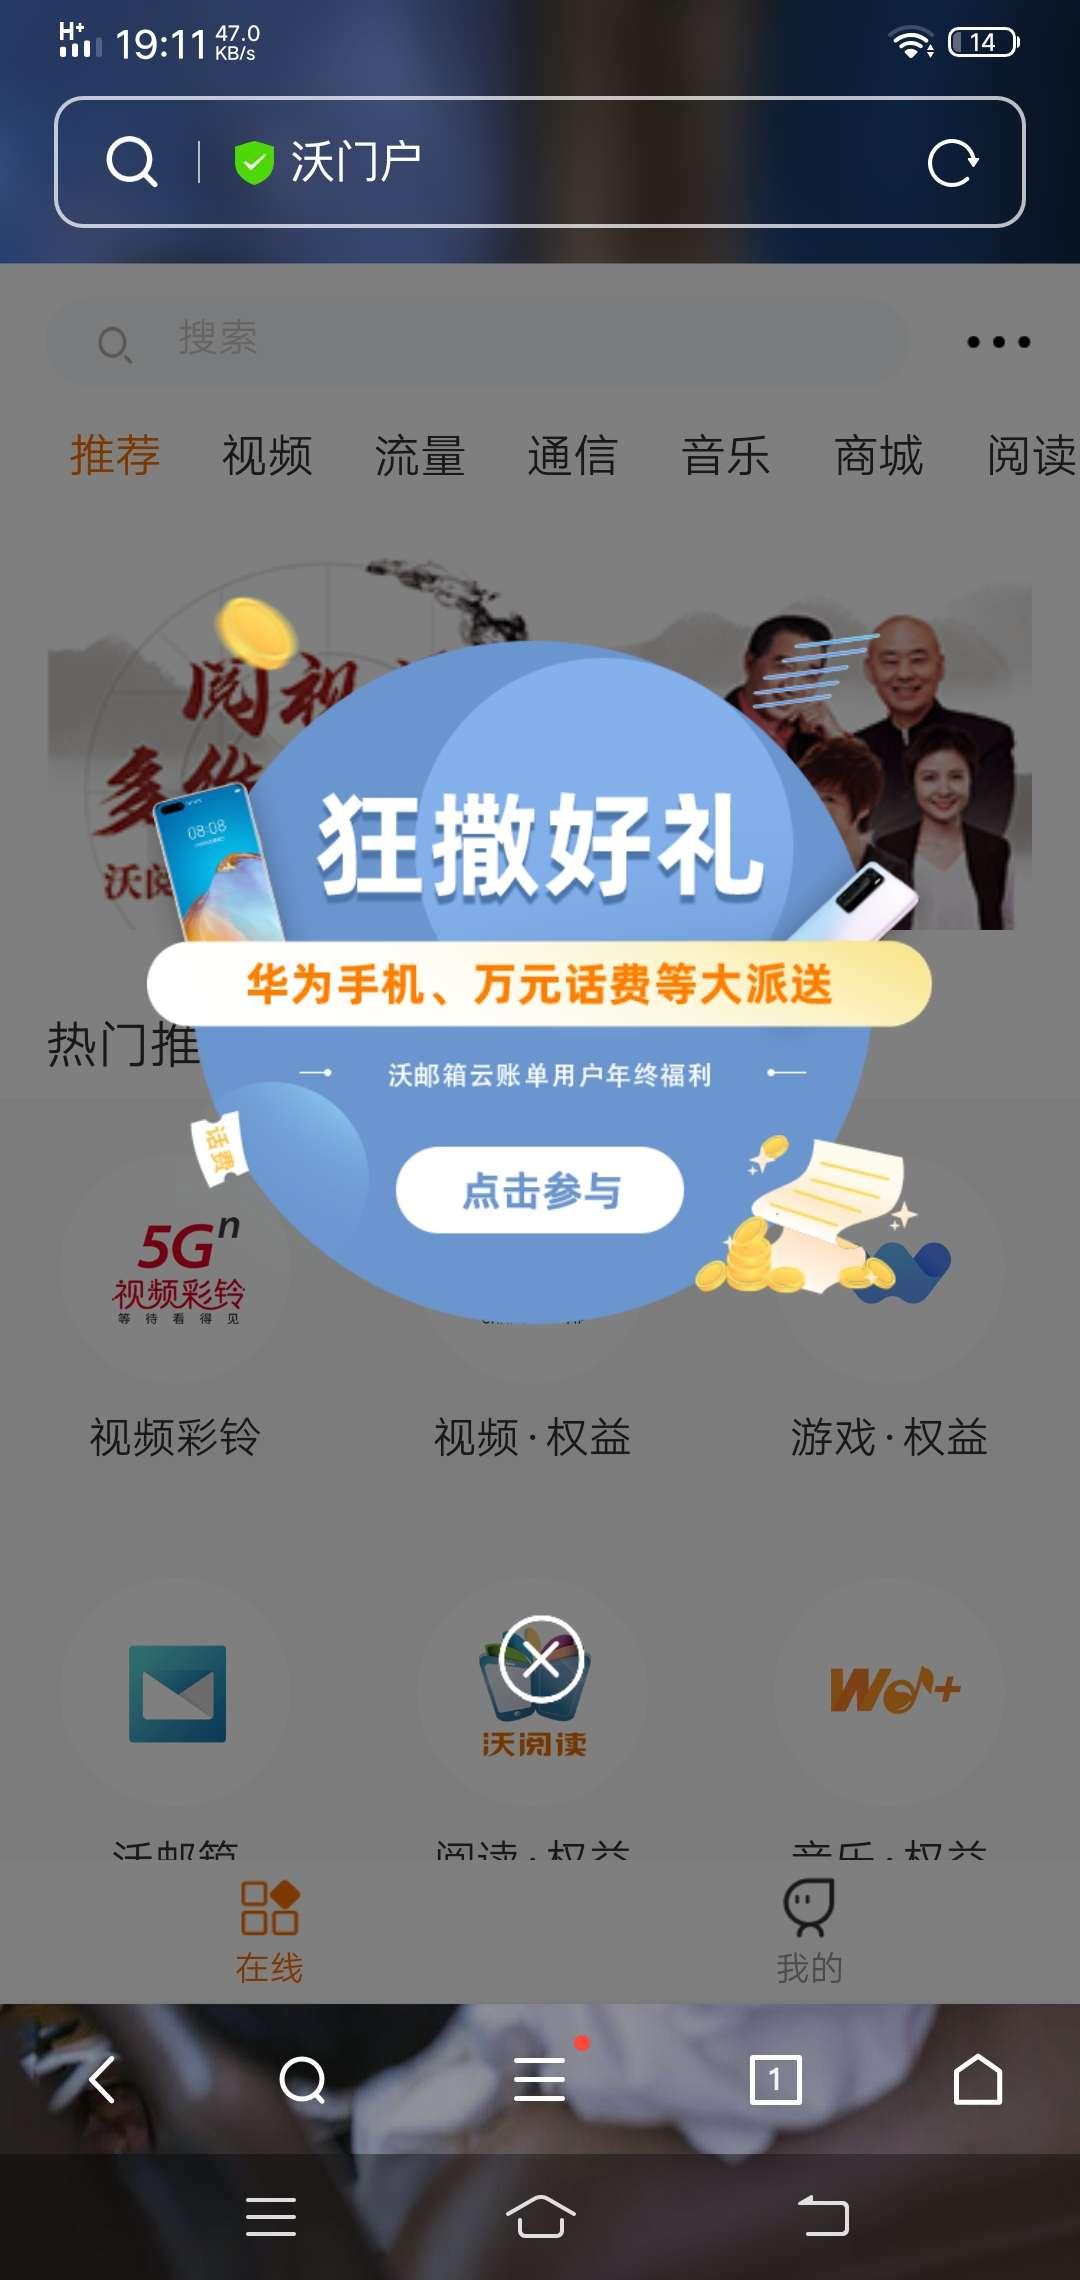 图片[1]-中国联通沃门户抽话费-老友薅羊毛活动线报网